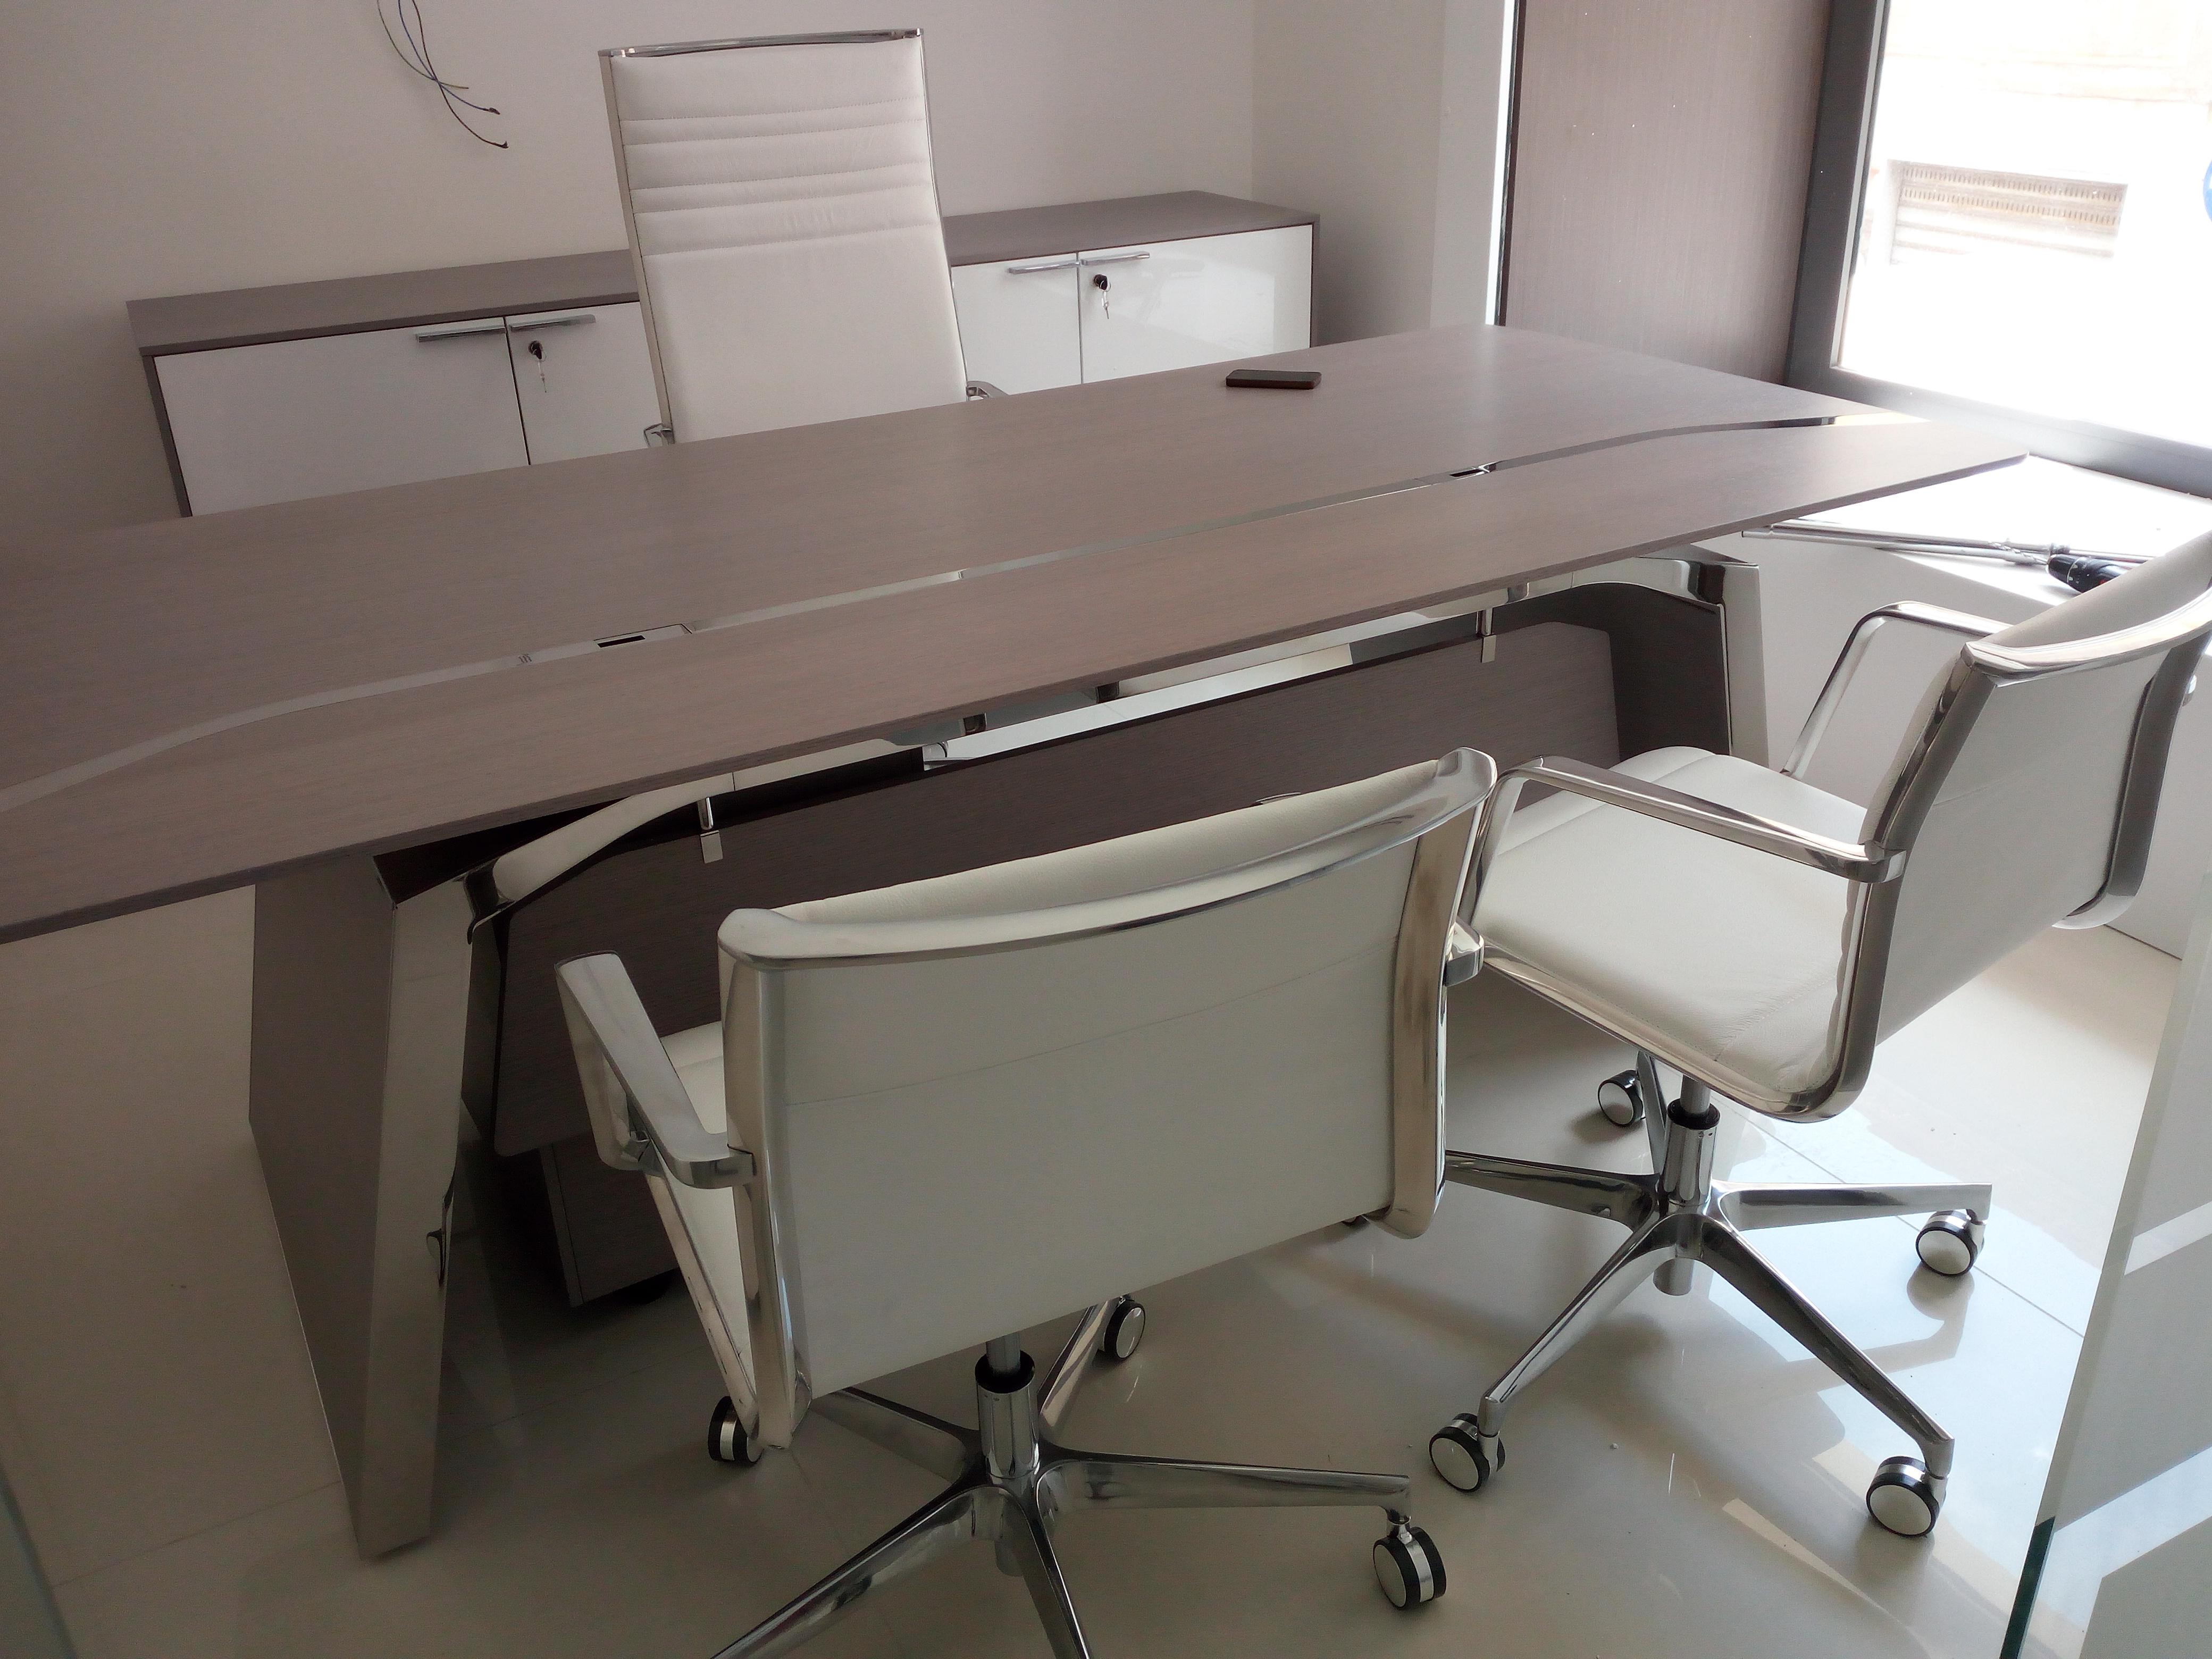 Arredo ufficio, scrivania direzionale elegante in legno e acciaio